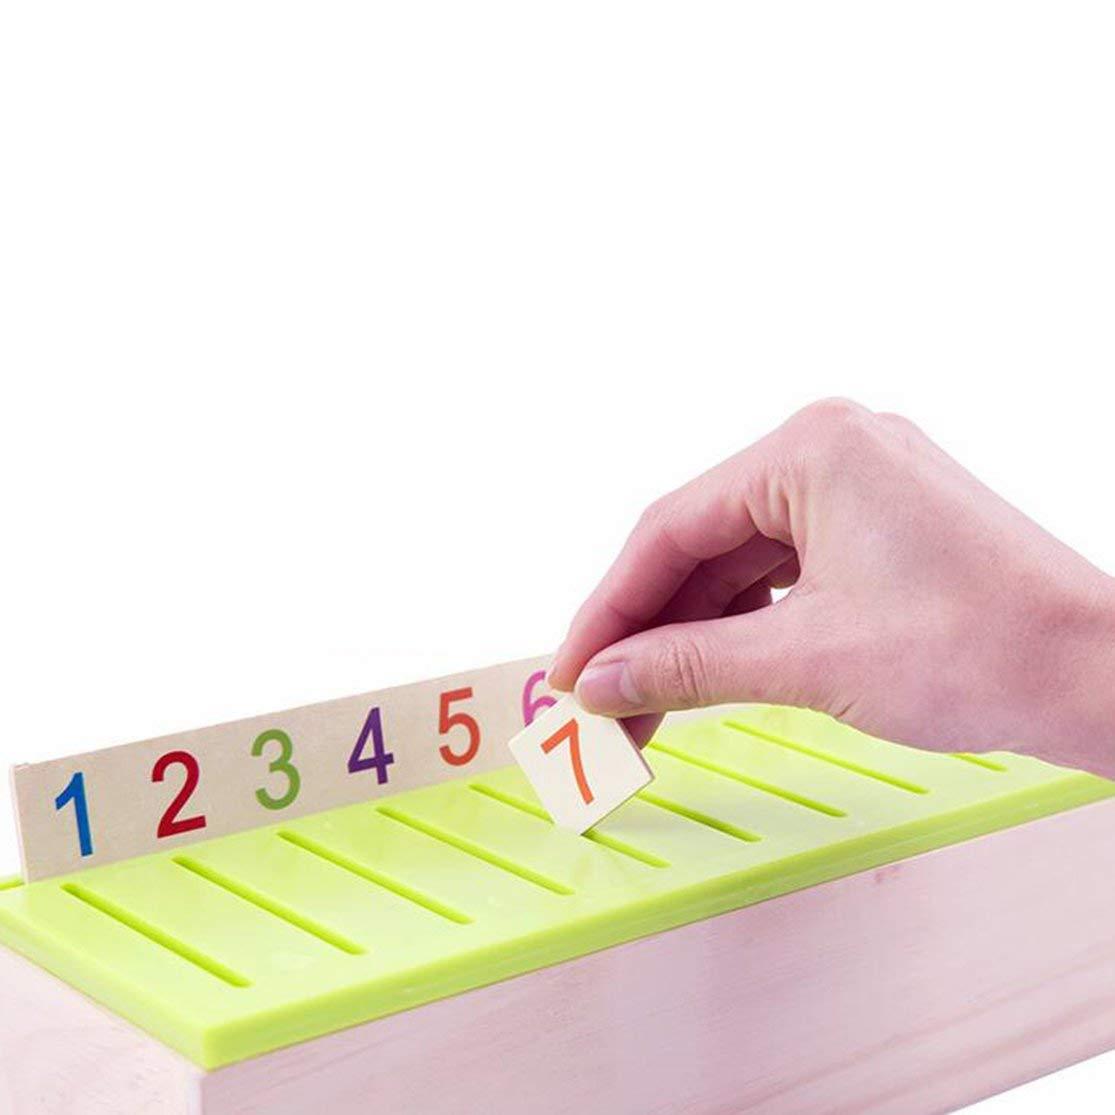 LouiseEvel215 Scatola di classificazione delle conoscenze Montessori Giocattoli di Legno per Bambini Giocattolo educativo di apprendimento precoce Scatole di categoria di Corrispondenza